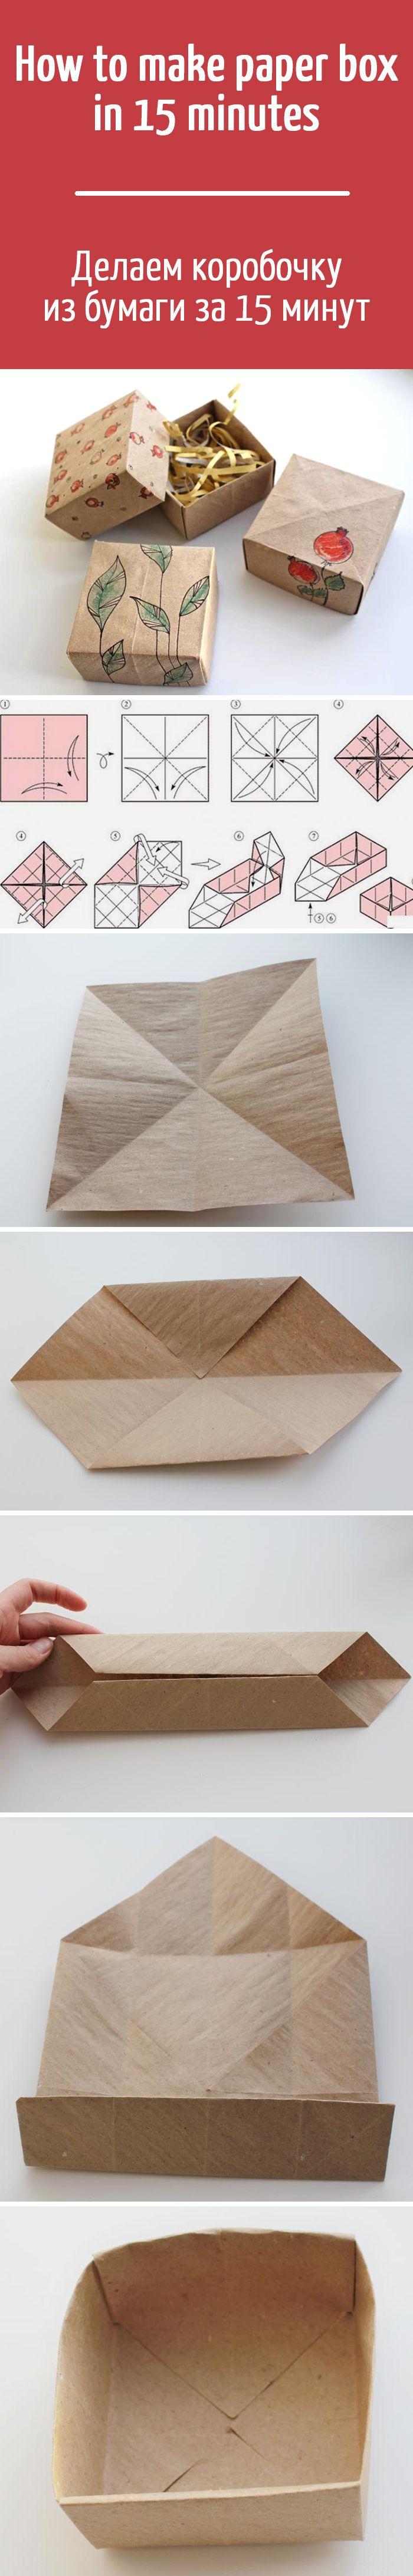 Сохраняем полезные схемки! Делаем коробочку из бумаги в технике оригами за 15 минут / How to make paper box in 15 minutes